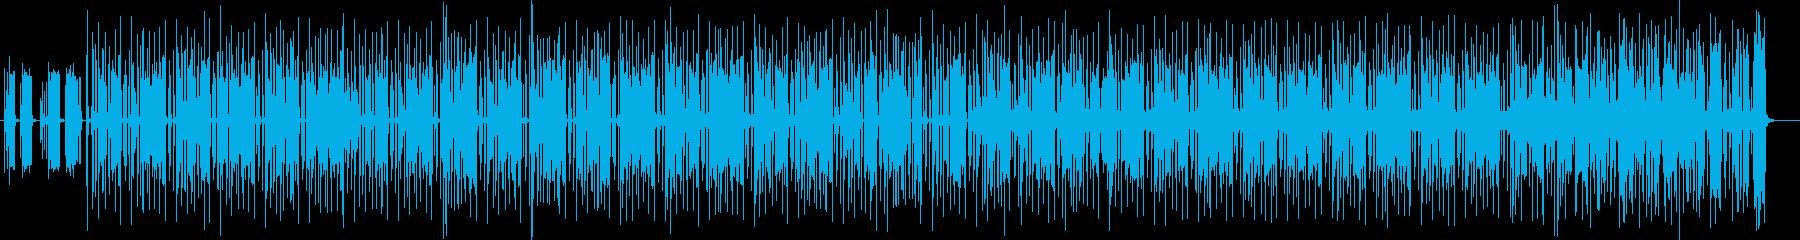 不思議系シンセサイザー木琴曲の再生済みの波形